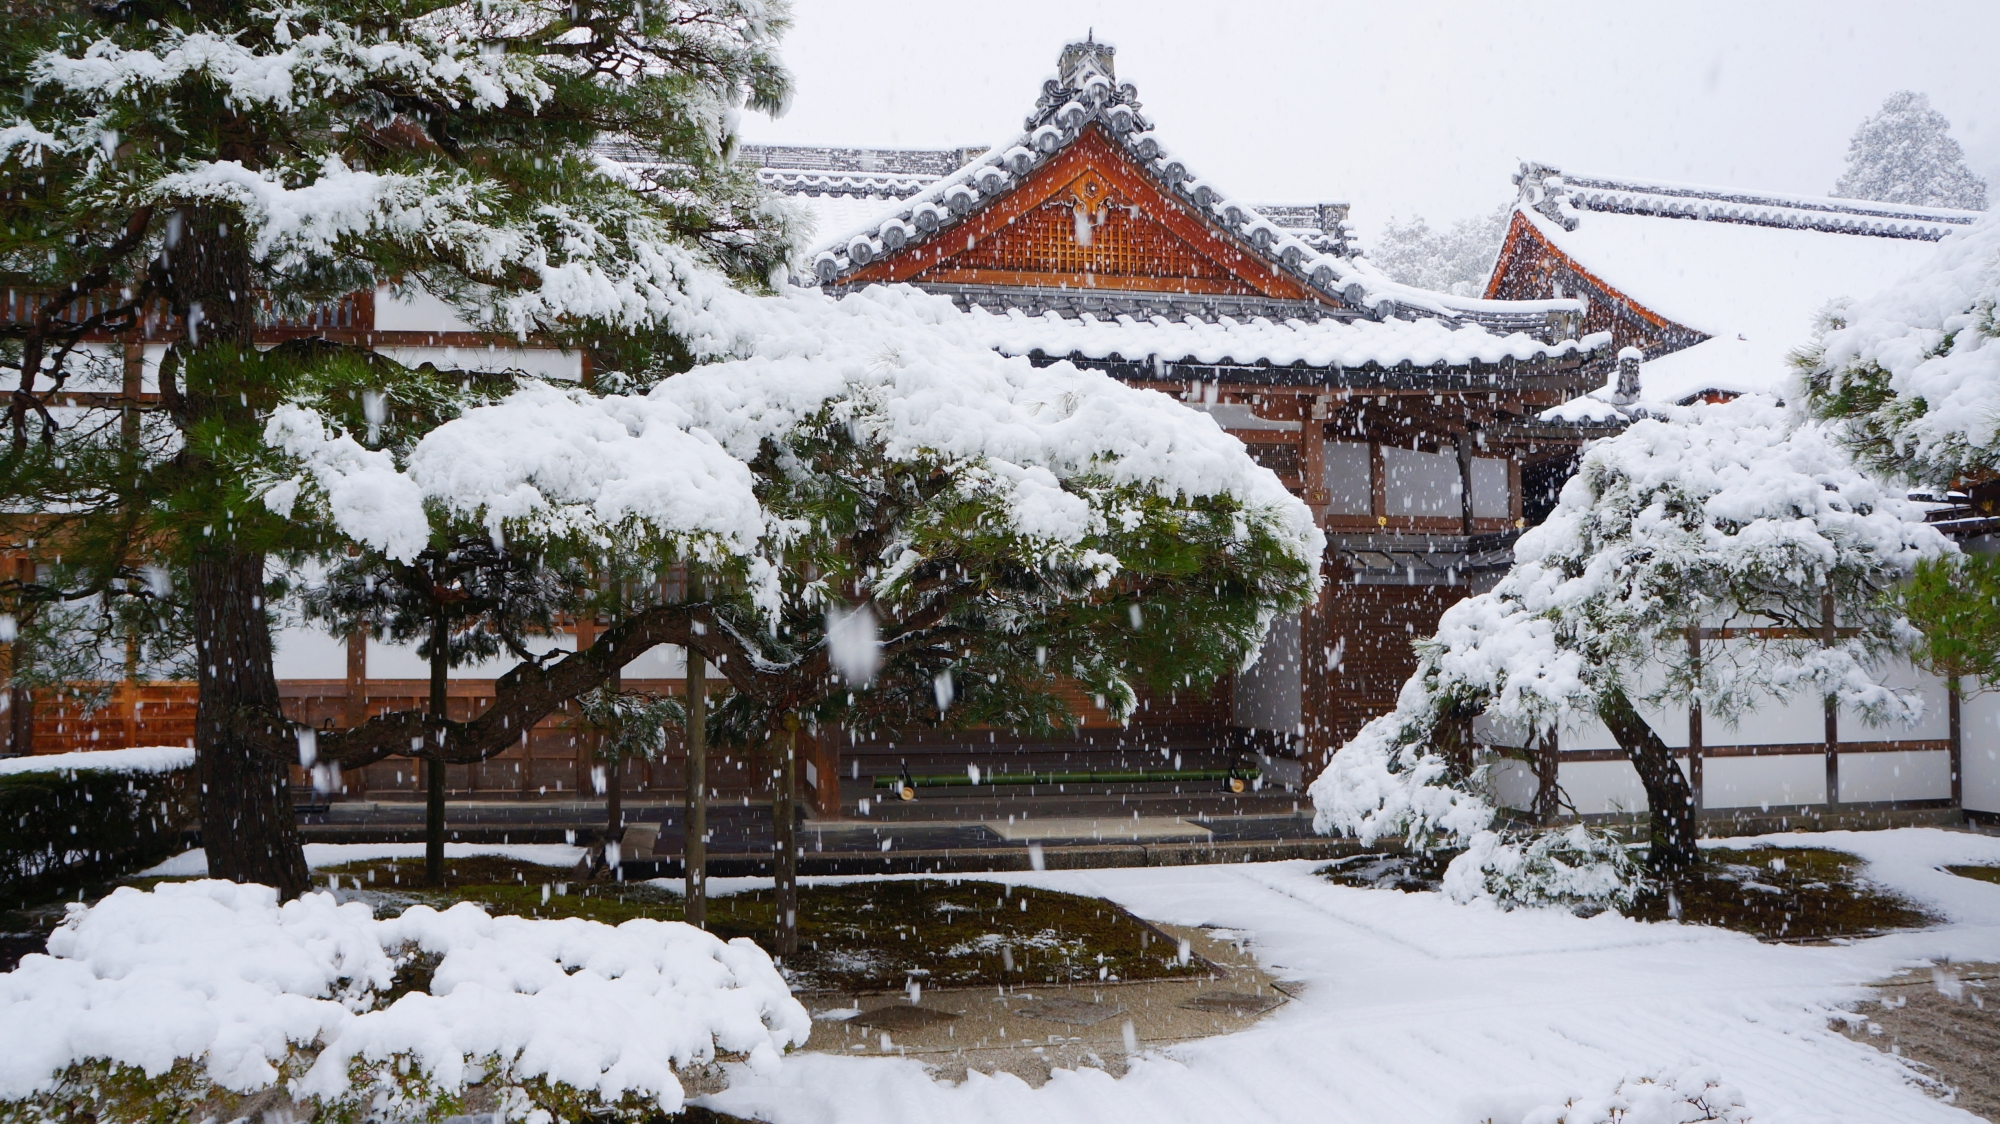 銀閣寺の庫裡前の雪景色